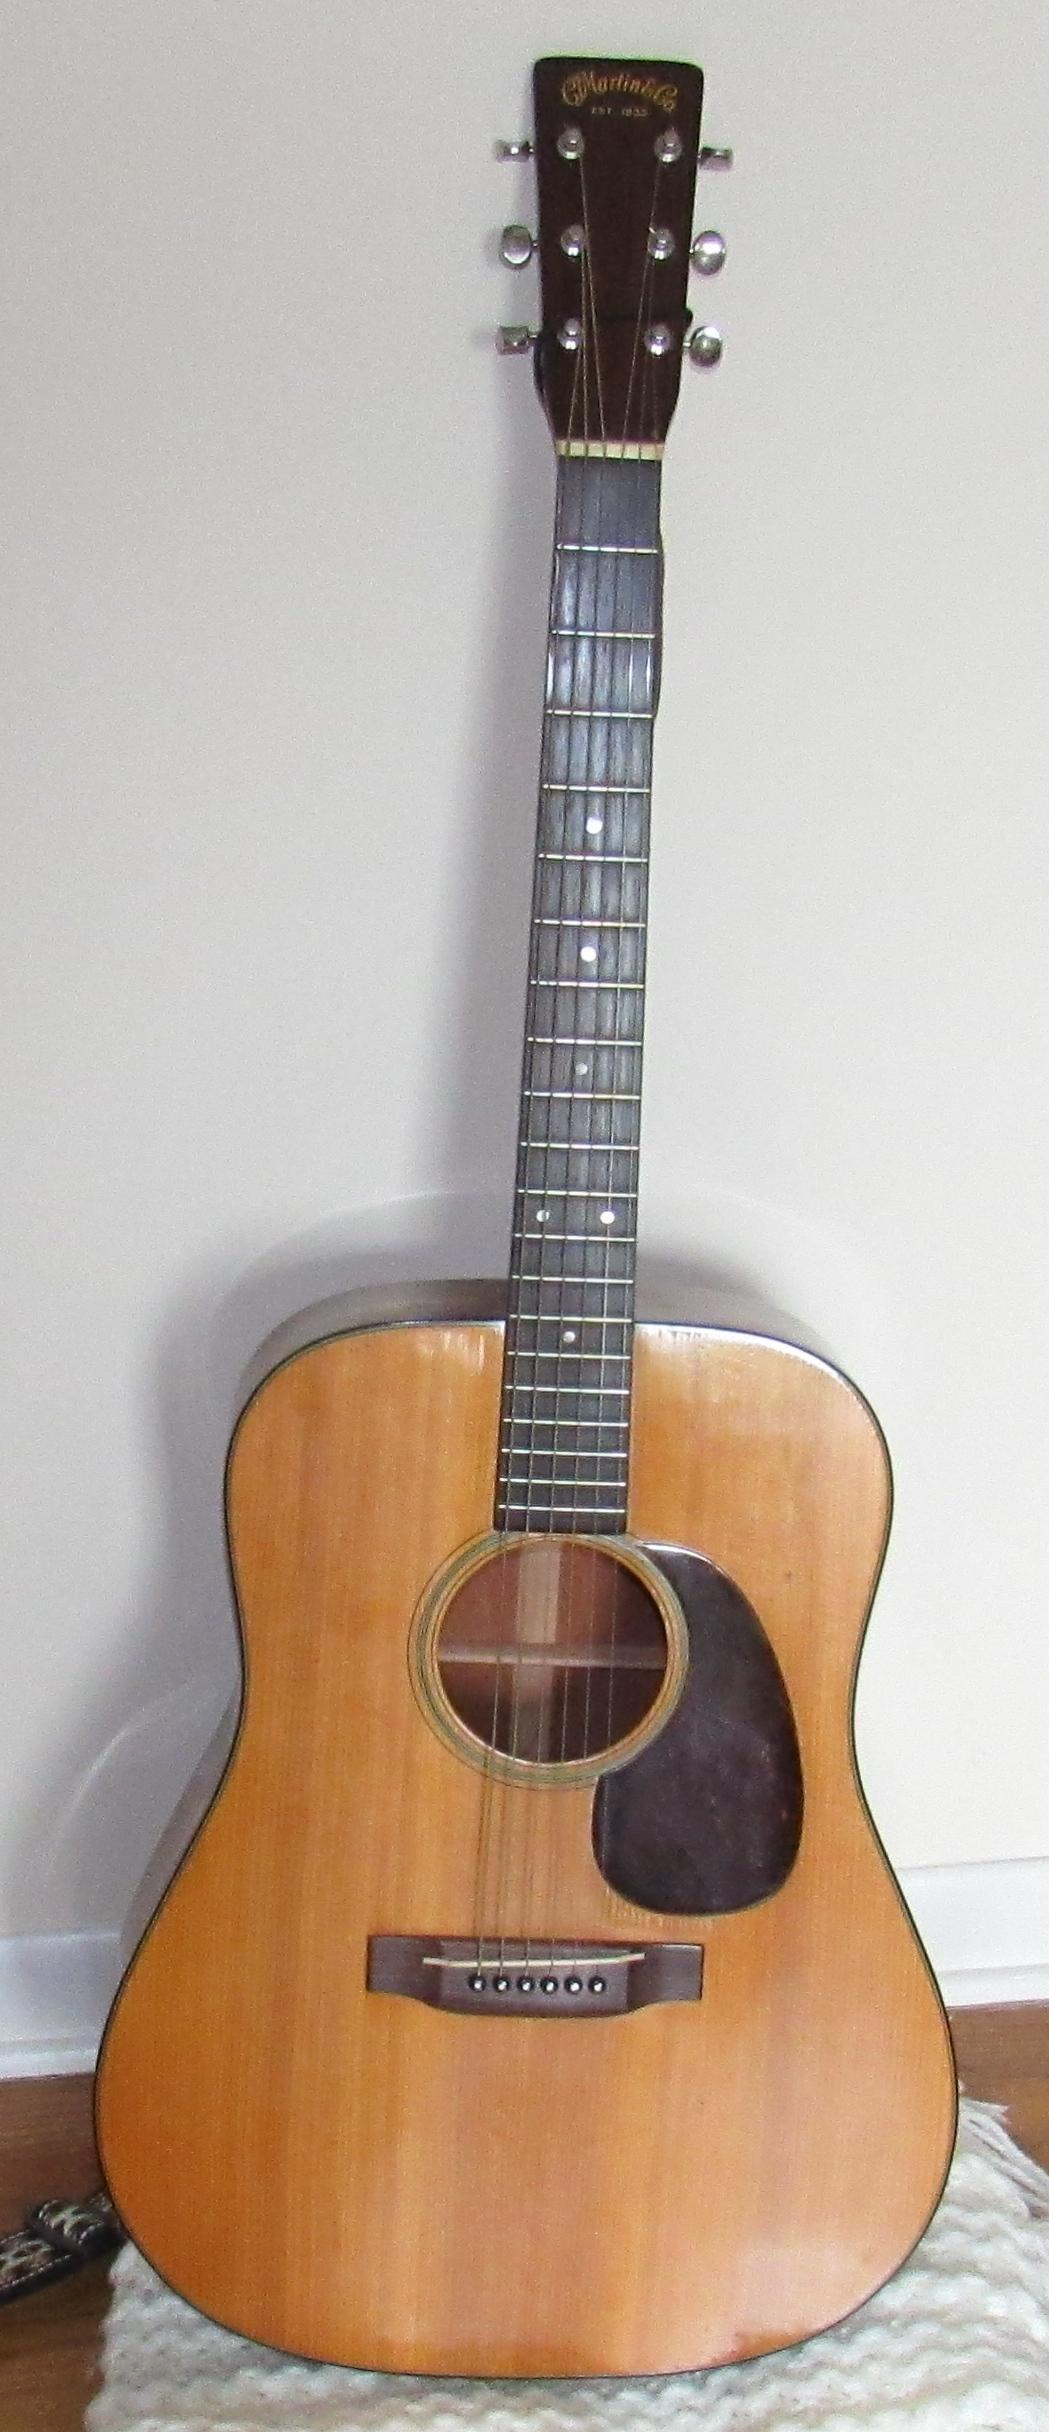 1948 Martin Acoustic Guitar D-18 Serial # 103936